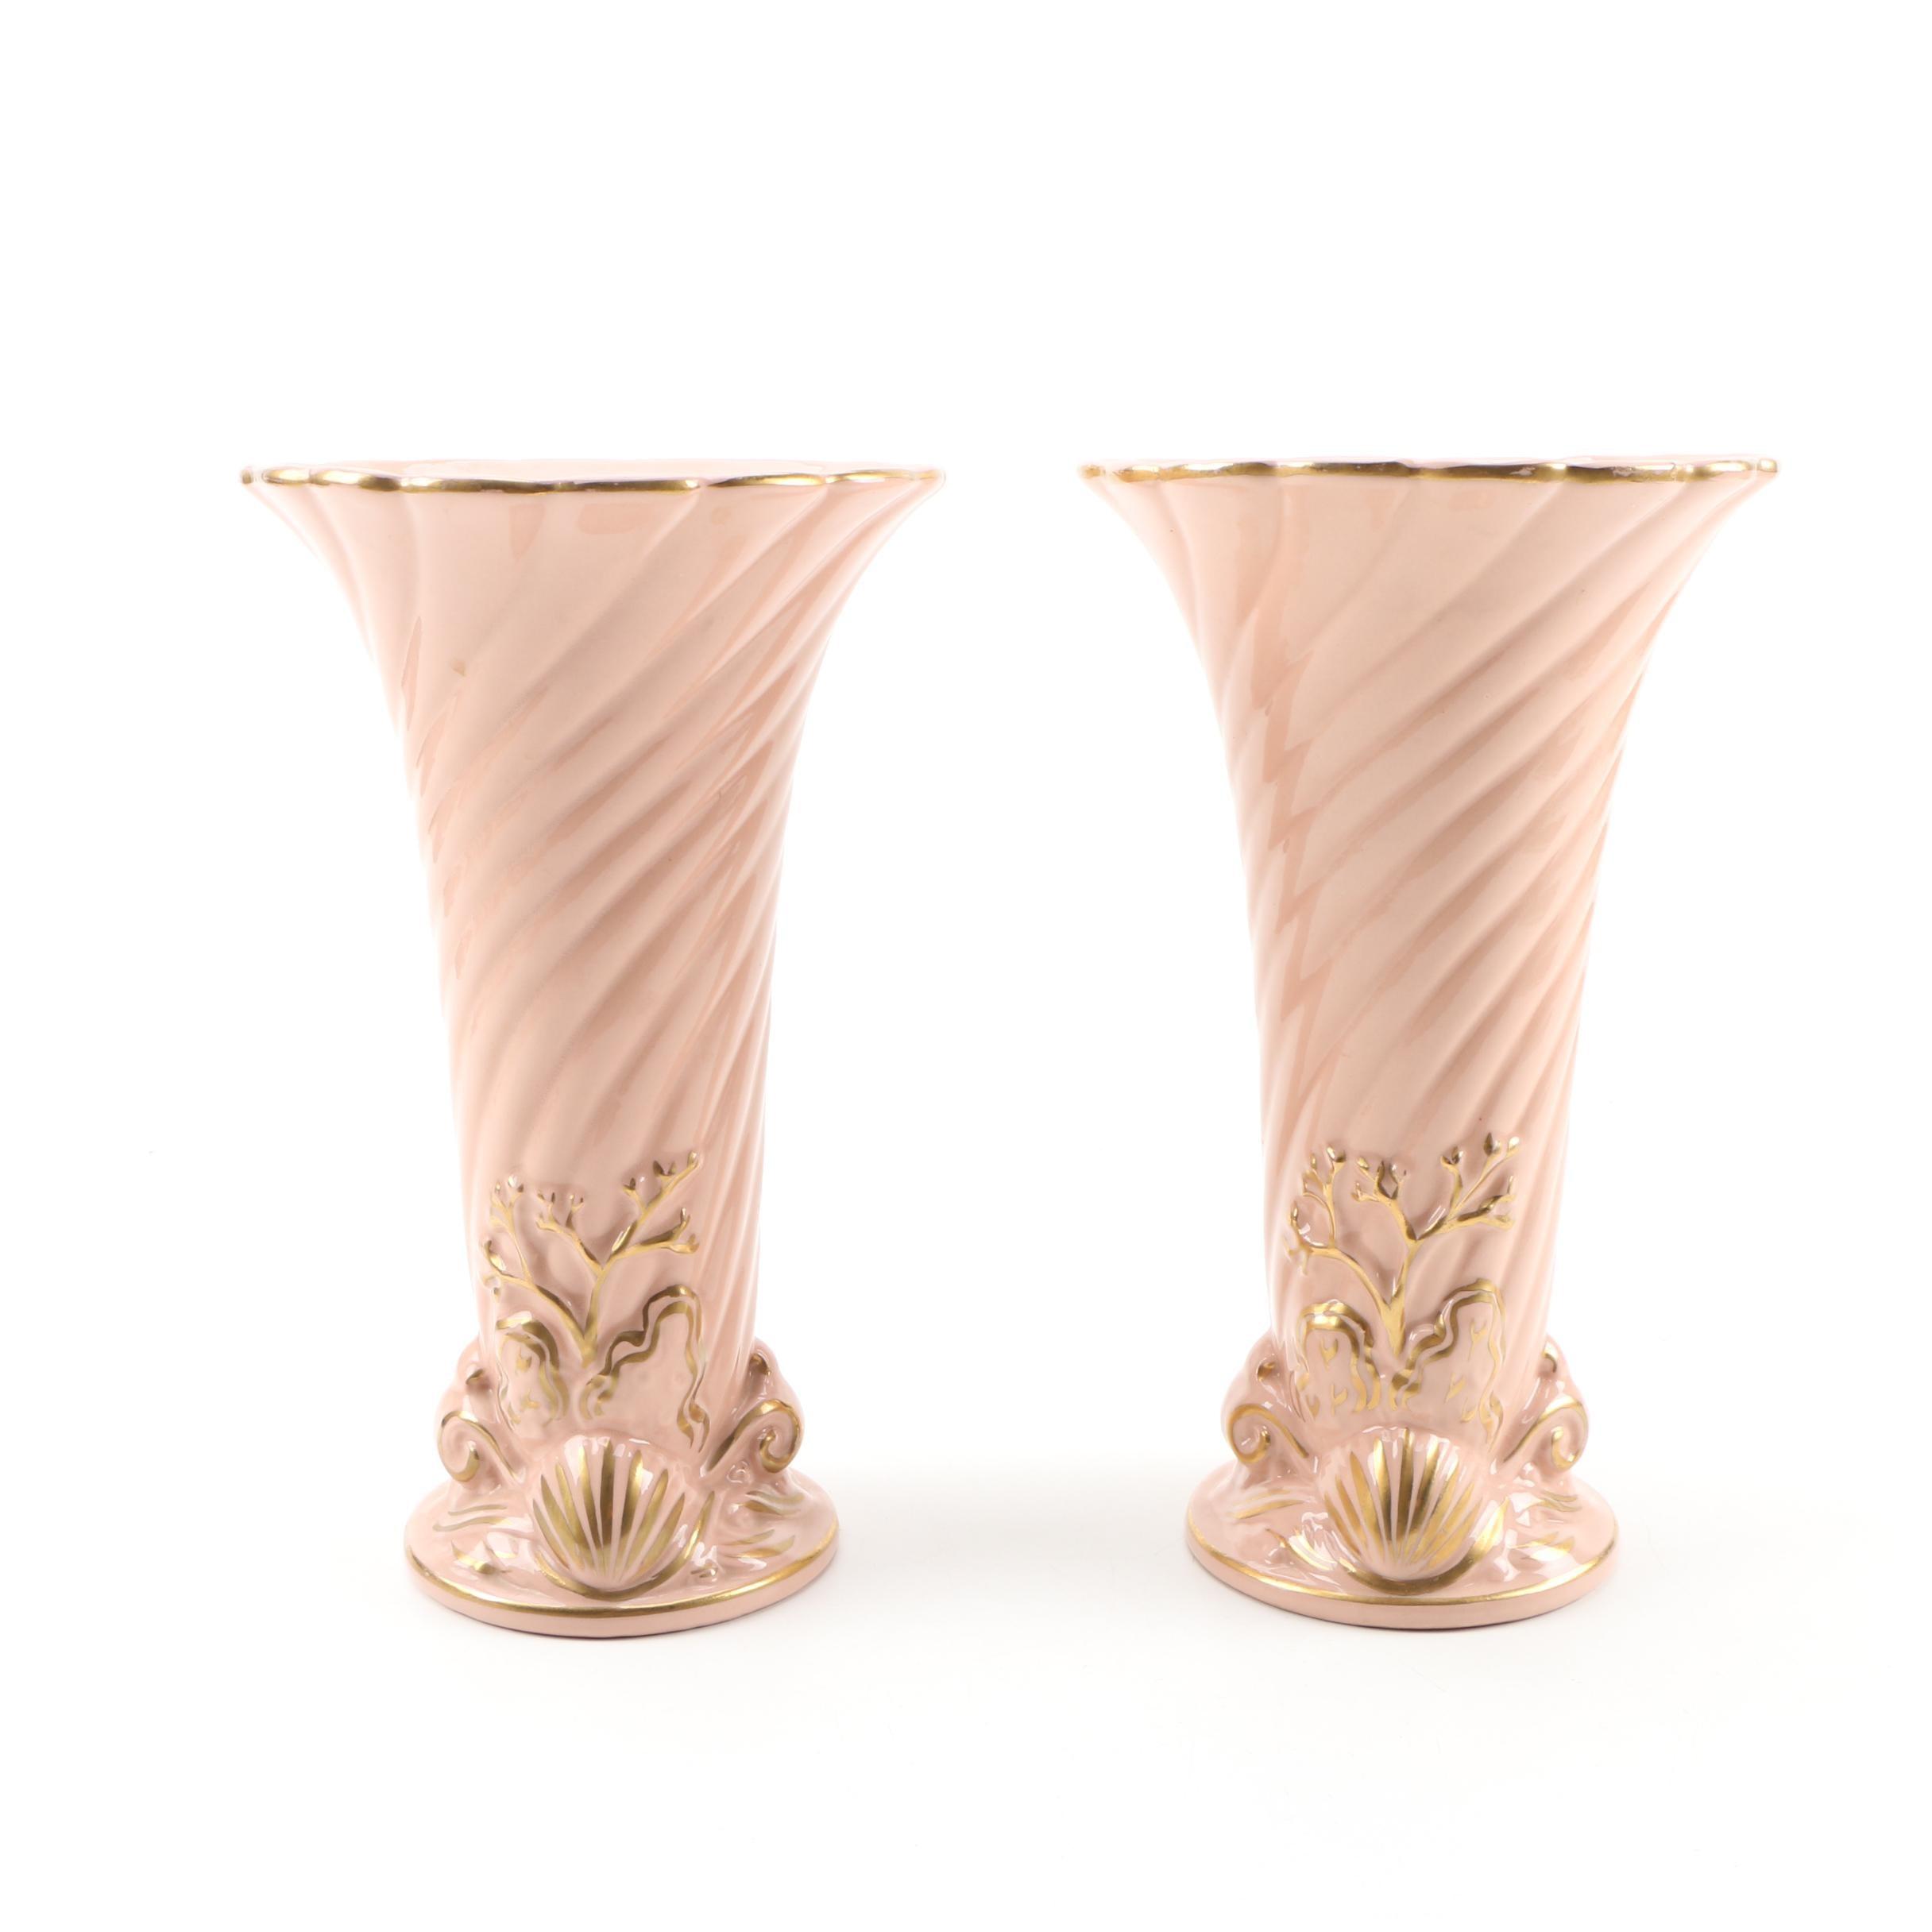 Pair of American Ceramic Vases, Mid-Century